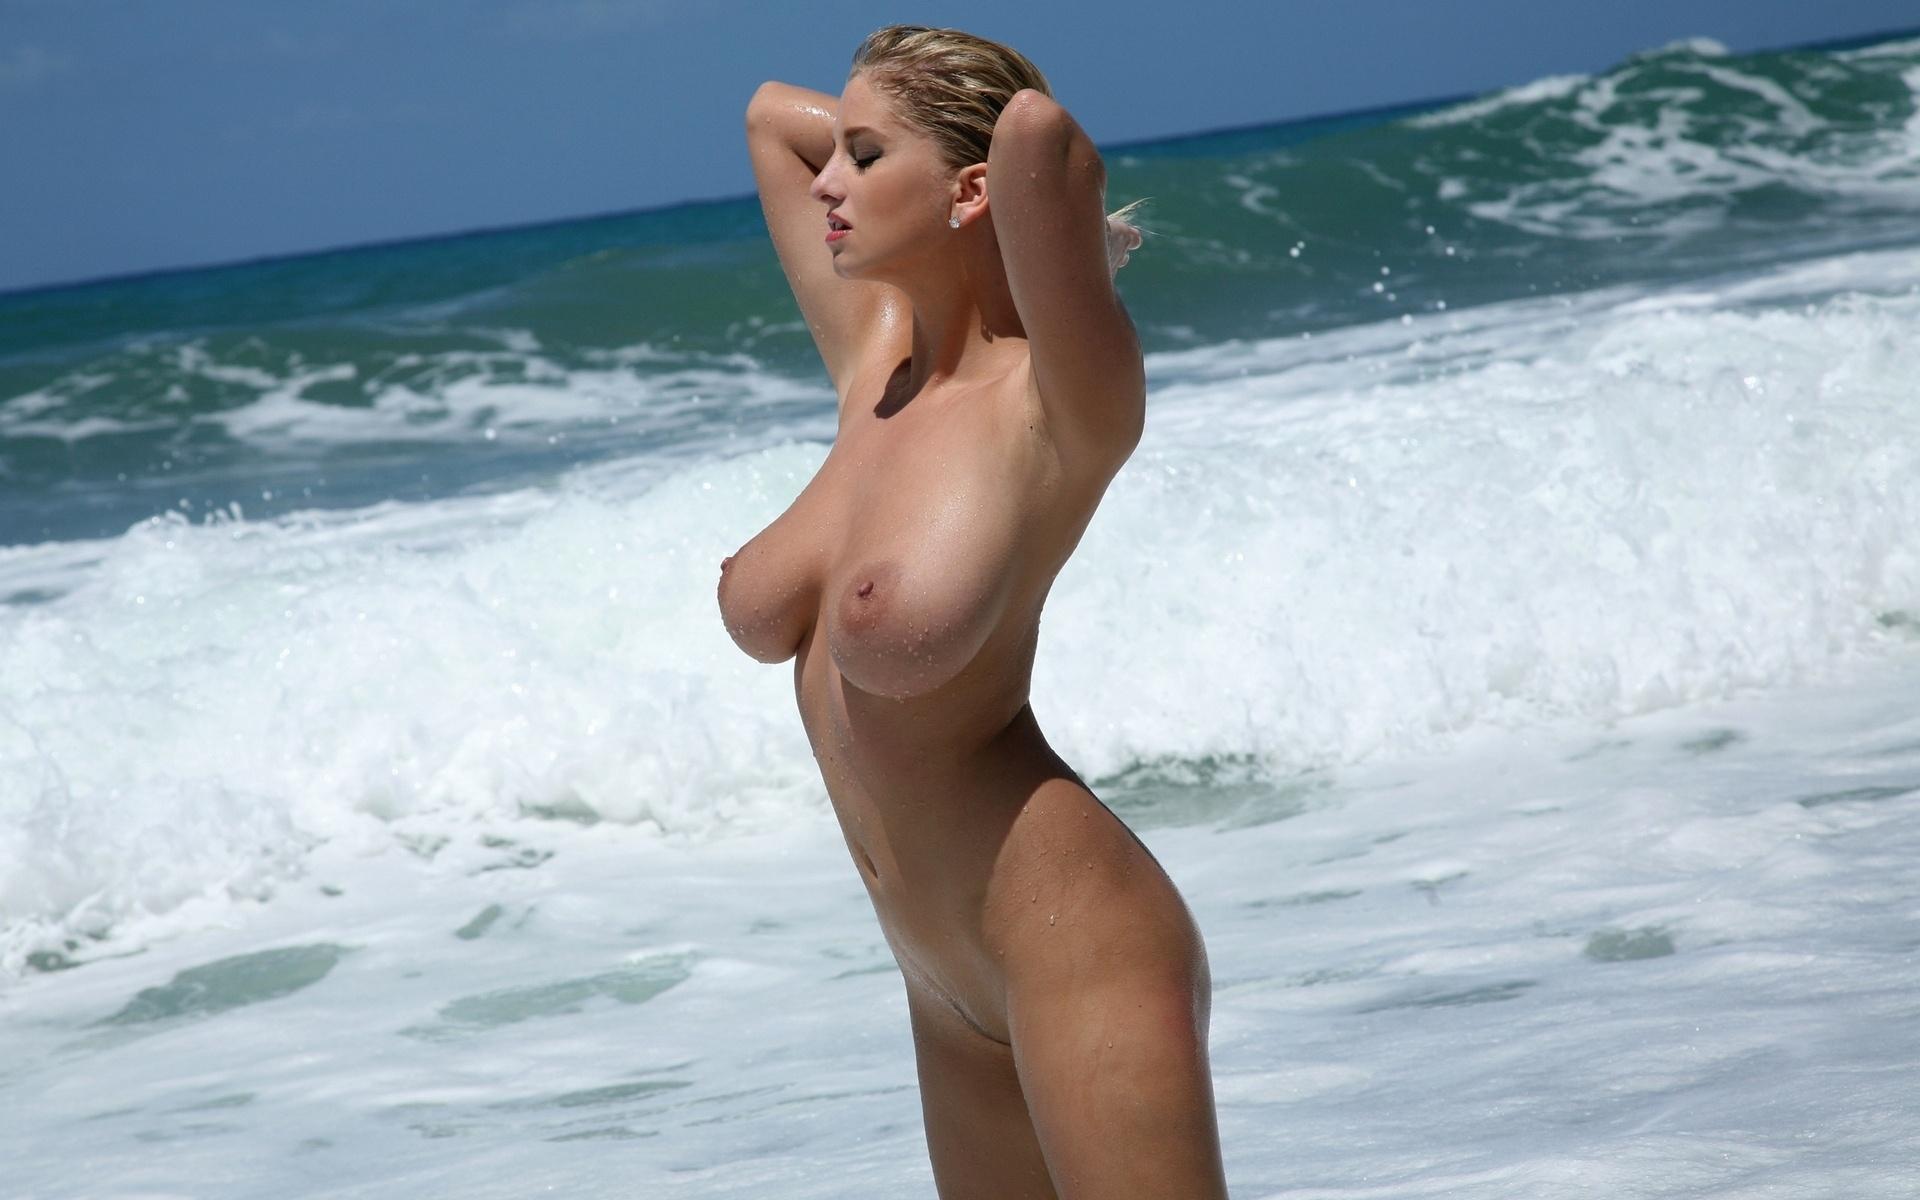 (ヌーディストビーチえろ写真)生で裸女性が見れる浜辺があると聞いてwwwwww